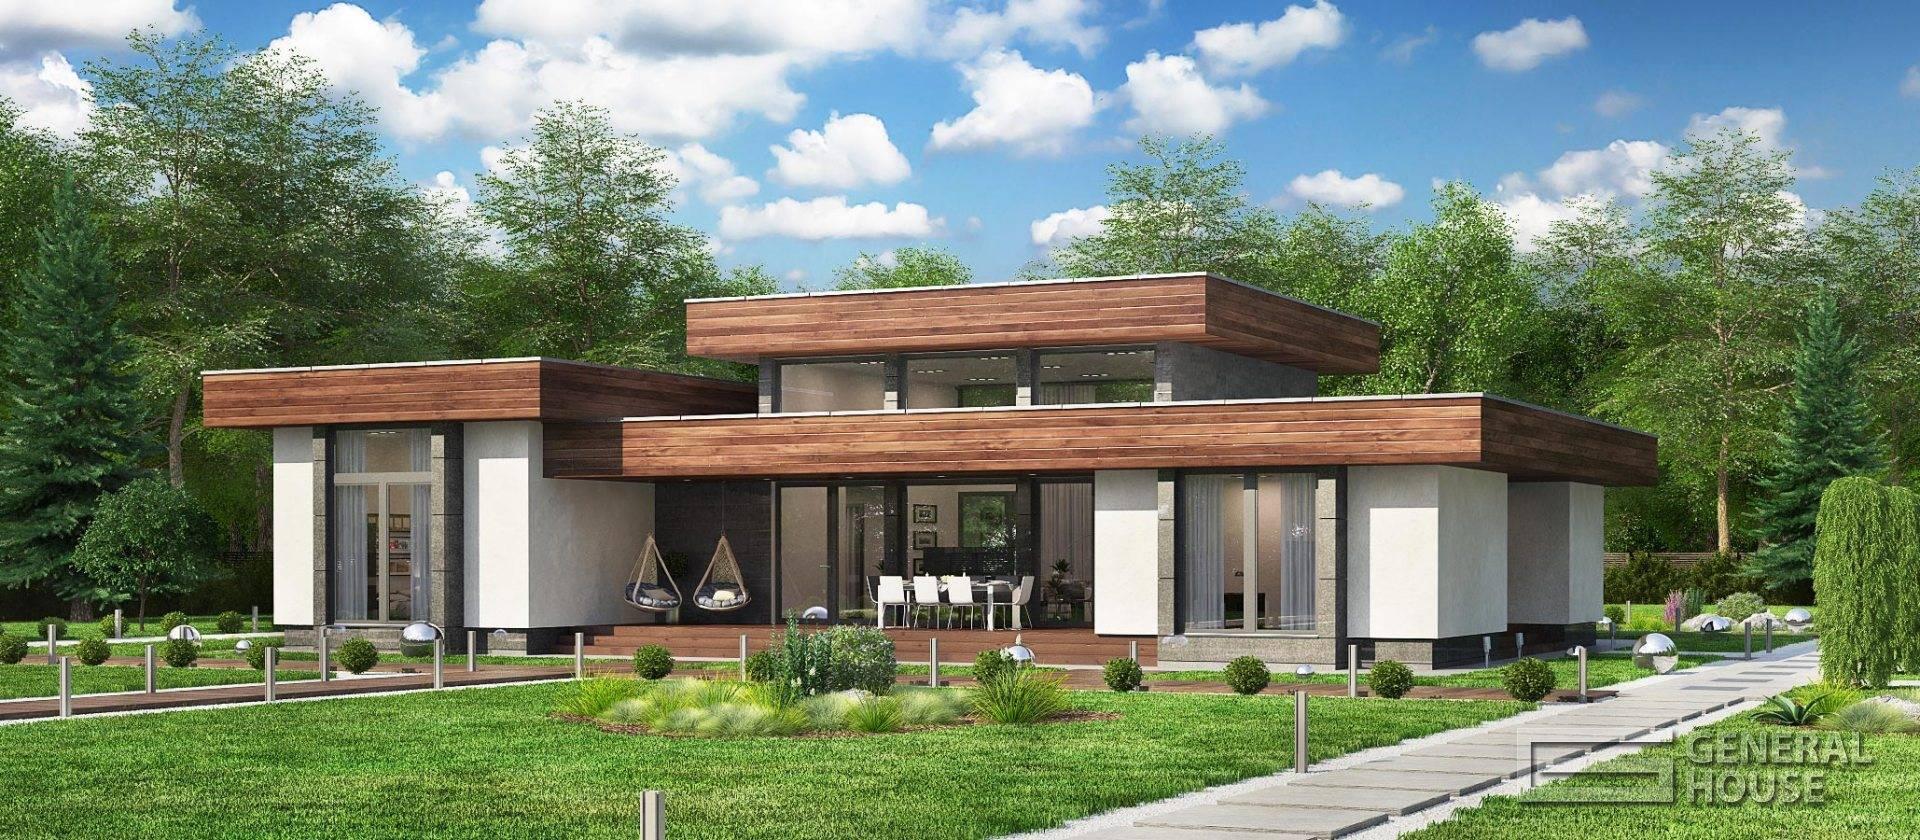 Каркасный дом в стиле хай тек